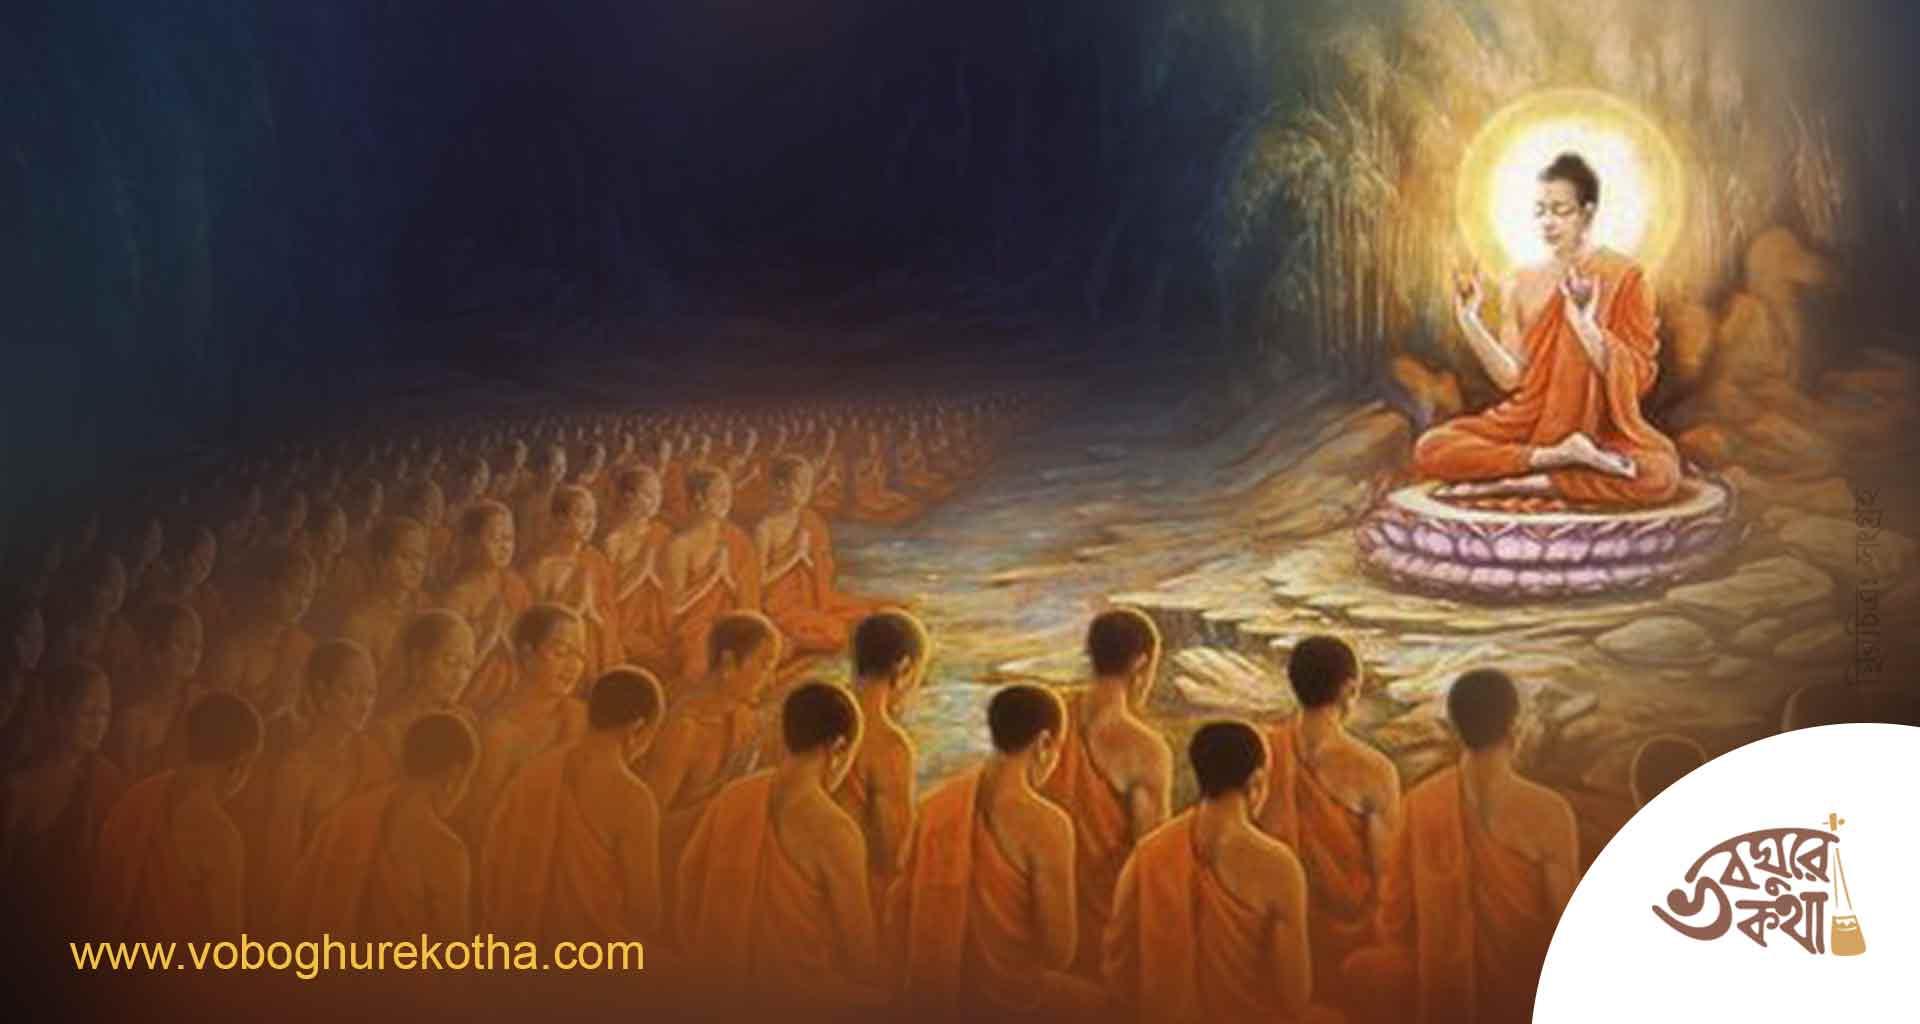 ধ্যান বুদ্ধ গুরু বৌদ্ধ